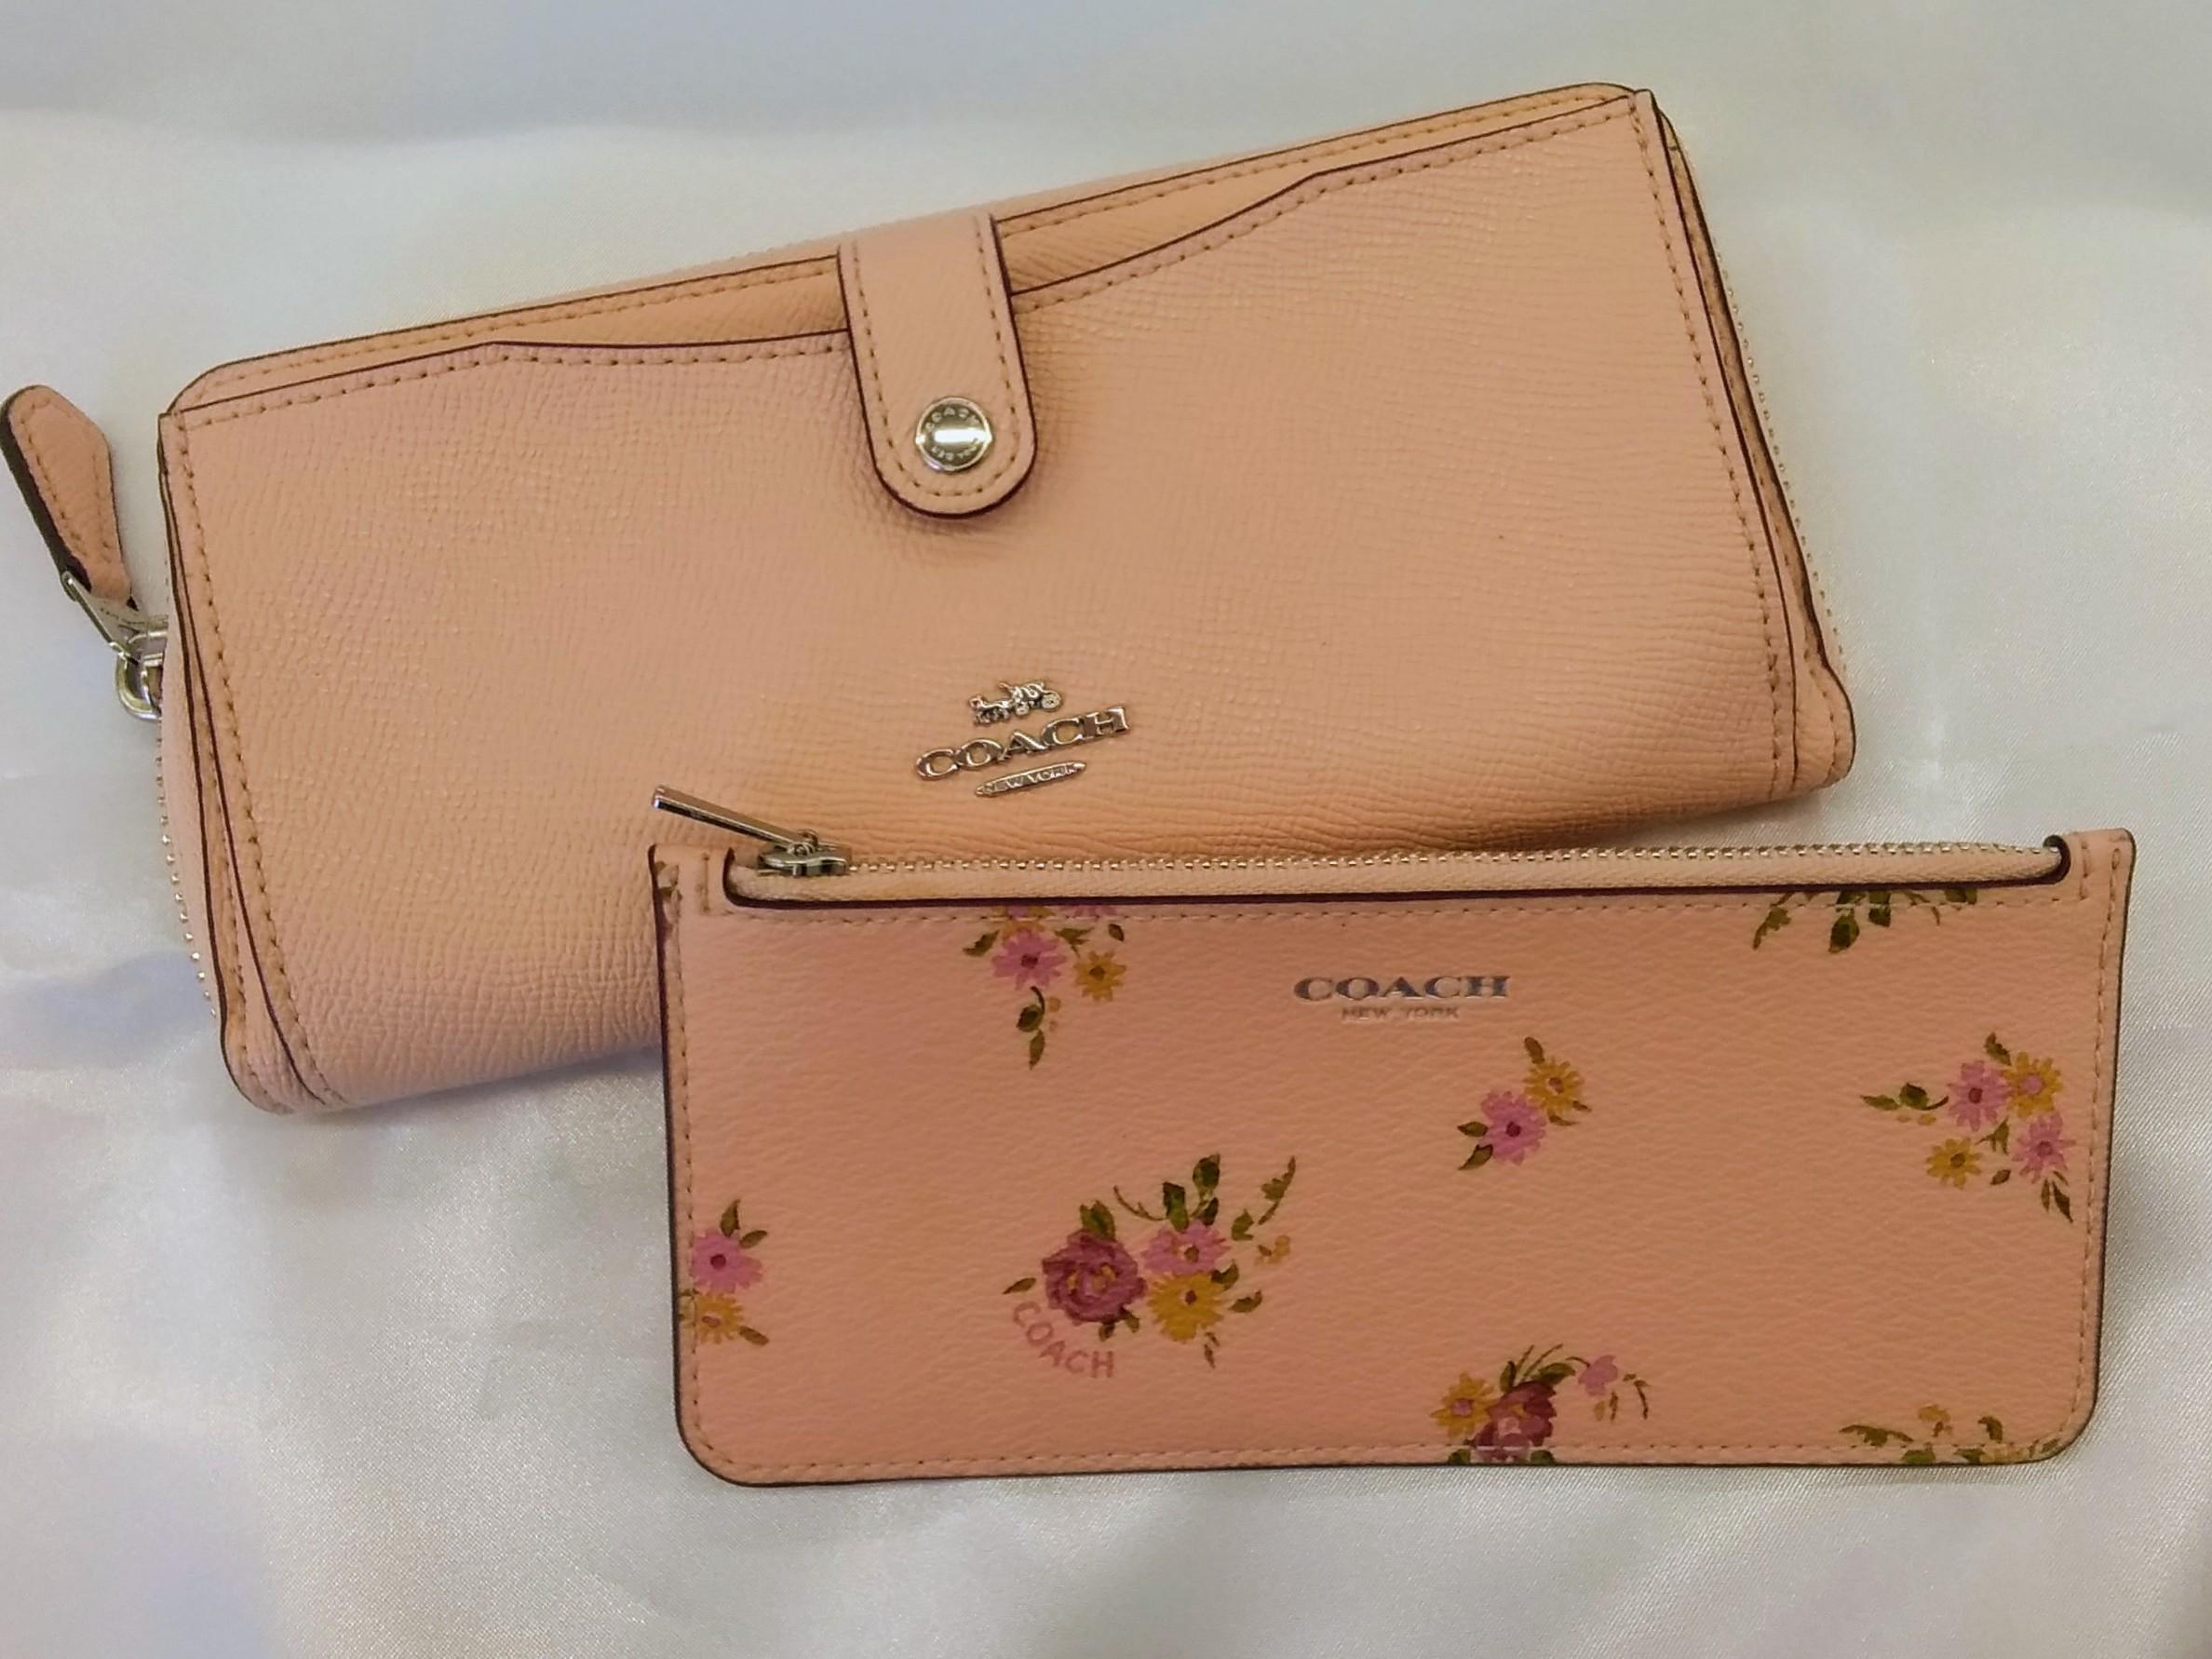 長財布【カードケース付き】【ピンク】|COACH【コーチ】【花柄】【レディース】【箱なし】